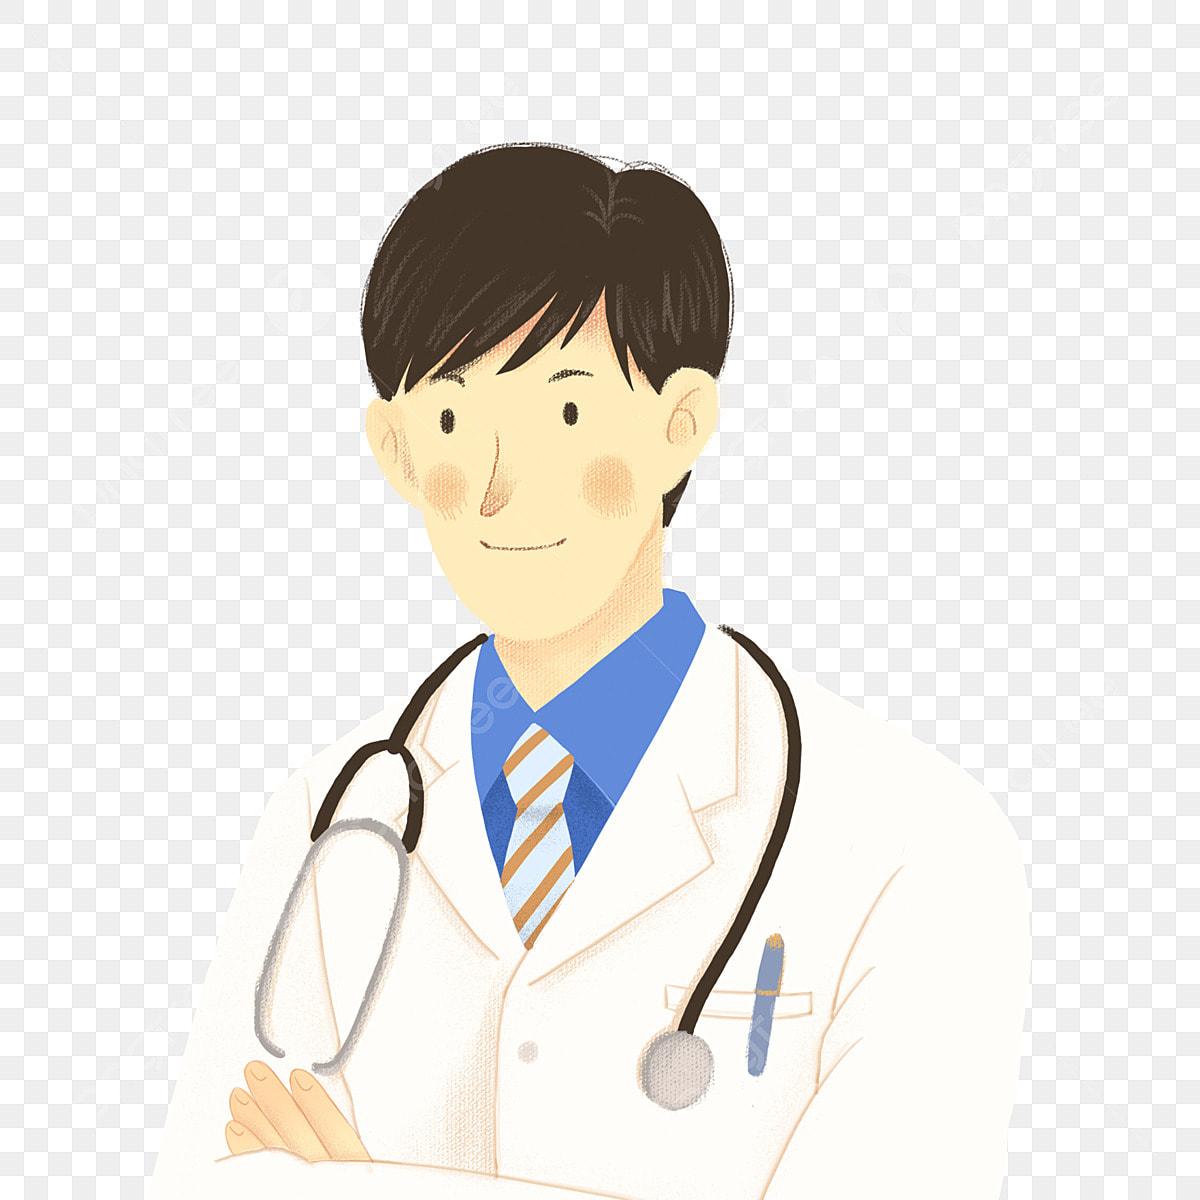 Element De Medecin De Sexe Masculin Beau Dessin Anime Clipart D Aide De La Communaute Medecins Dessin Anime Image Png Pour Le Telechargement Libre